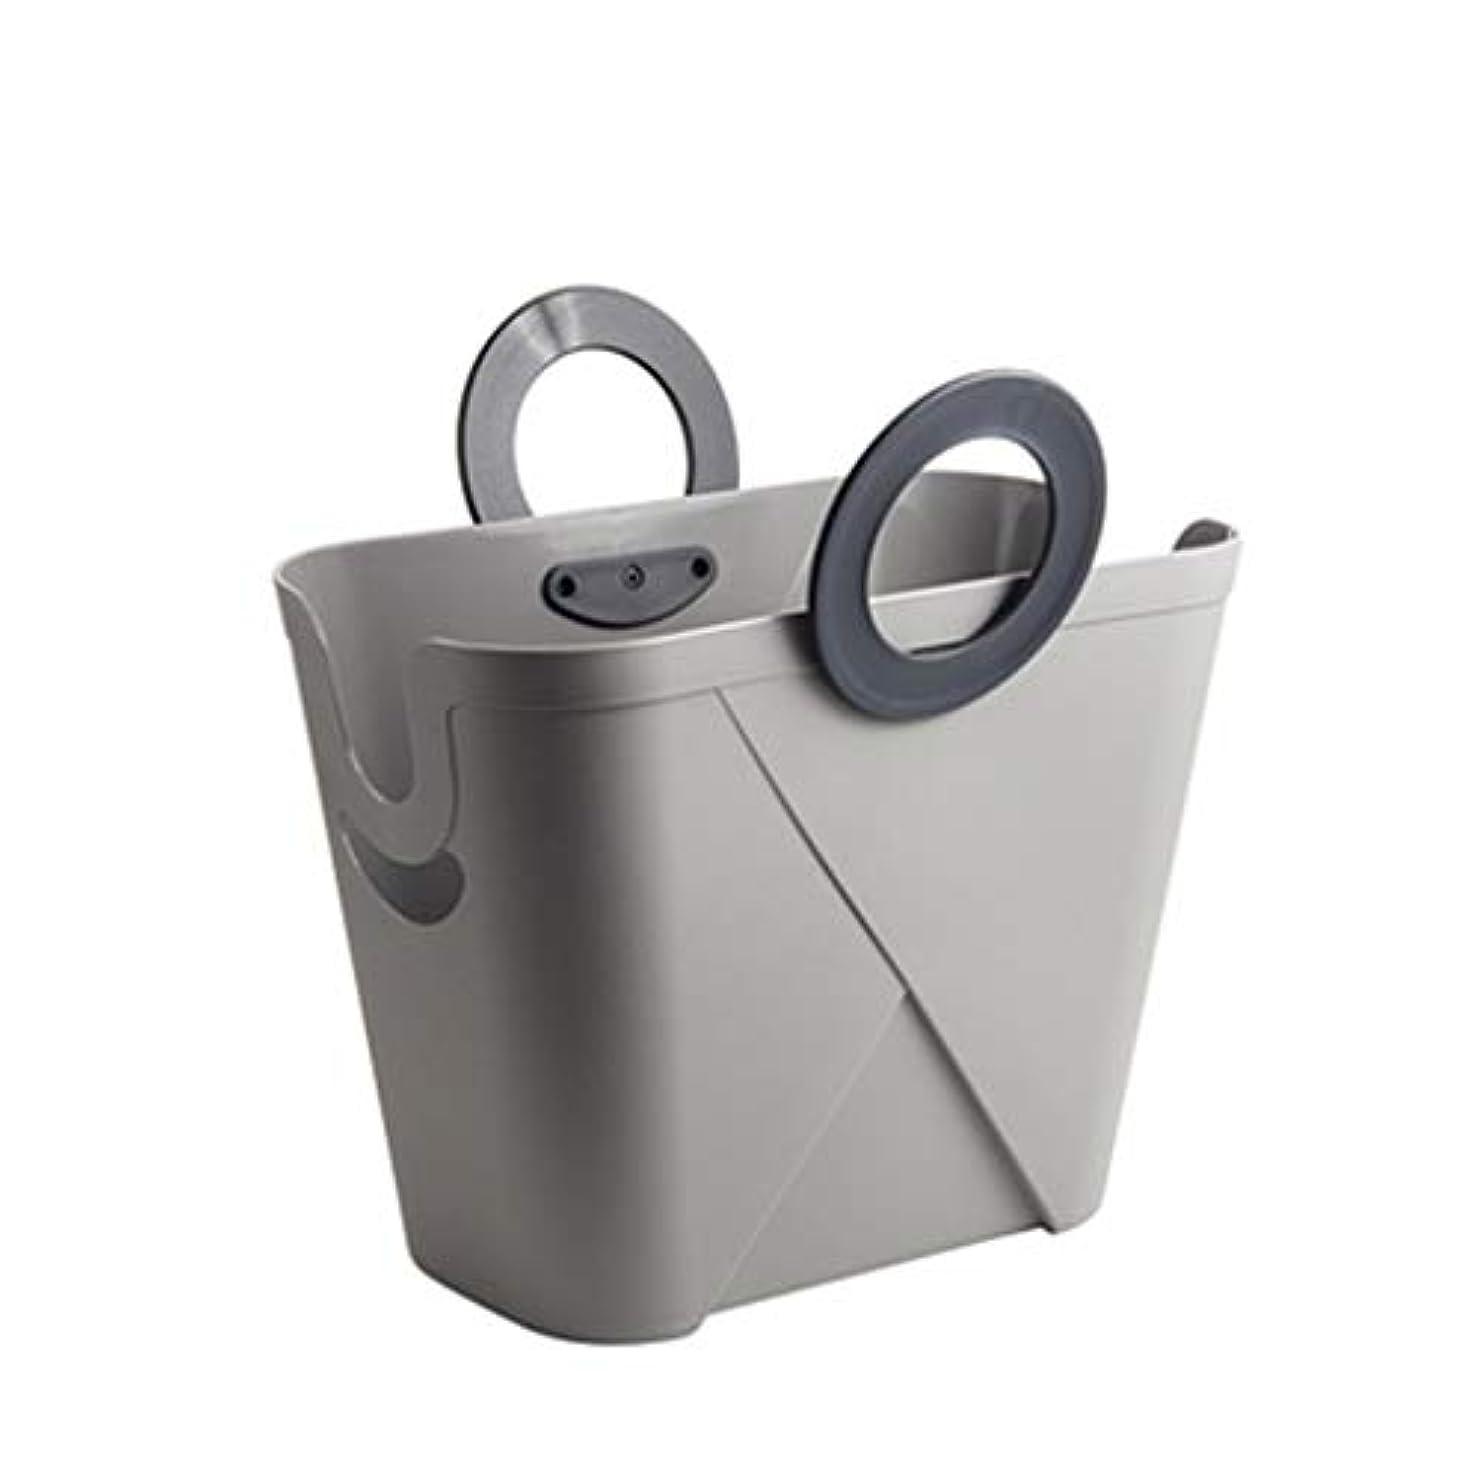 冒険飢アレンジSMMRB 携帯用の妨害の世帯の貯蔵のバスケットは、おもちゃの残骸の貯蔵、白灰色に使用することができます (色 : Gray)